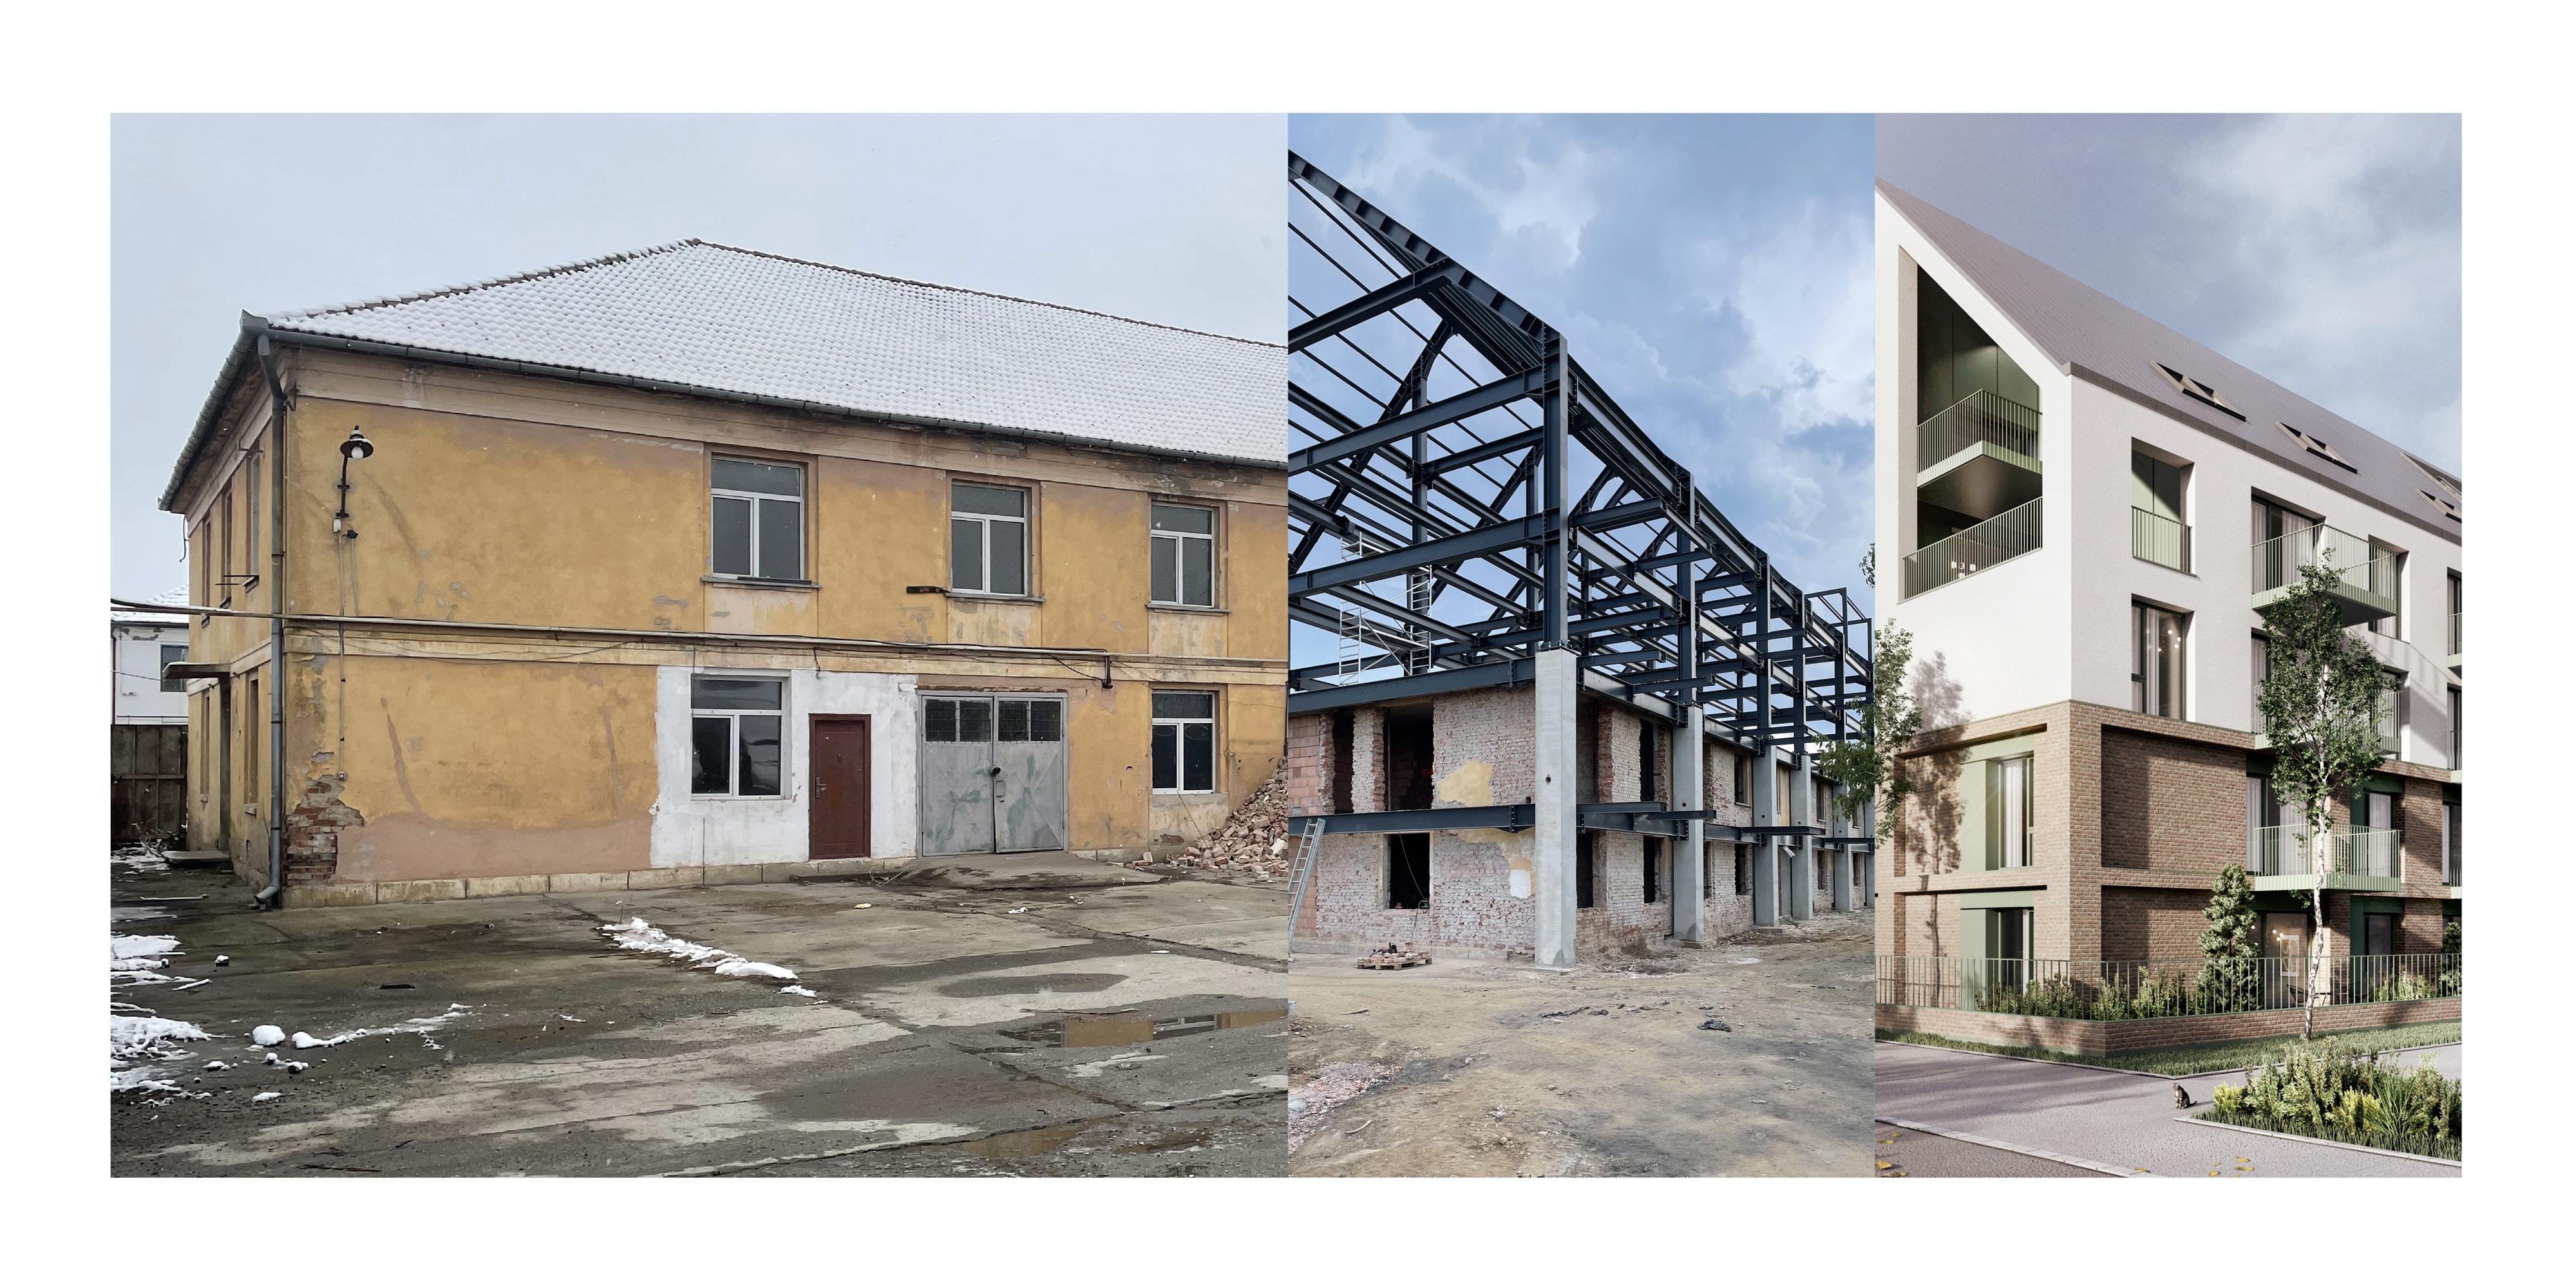 Schimbarea la față a Sibiului: The Lake Home – Proiect cu valoare de piață de peste 100 mil. de euro într-o fostă zonă industrială, cu 20.000 de metri pătrați de spații verzi noi